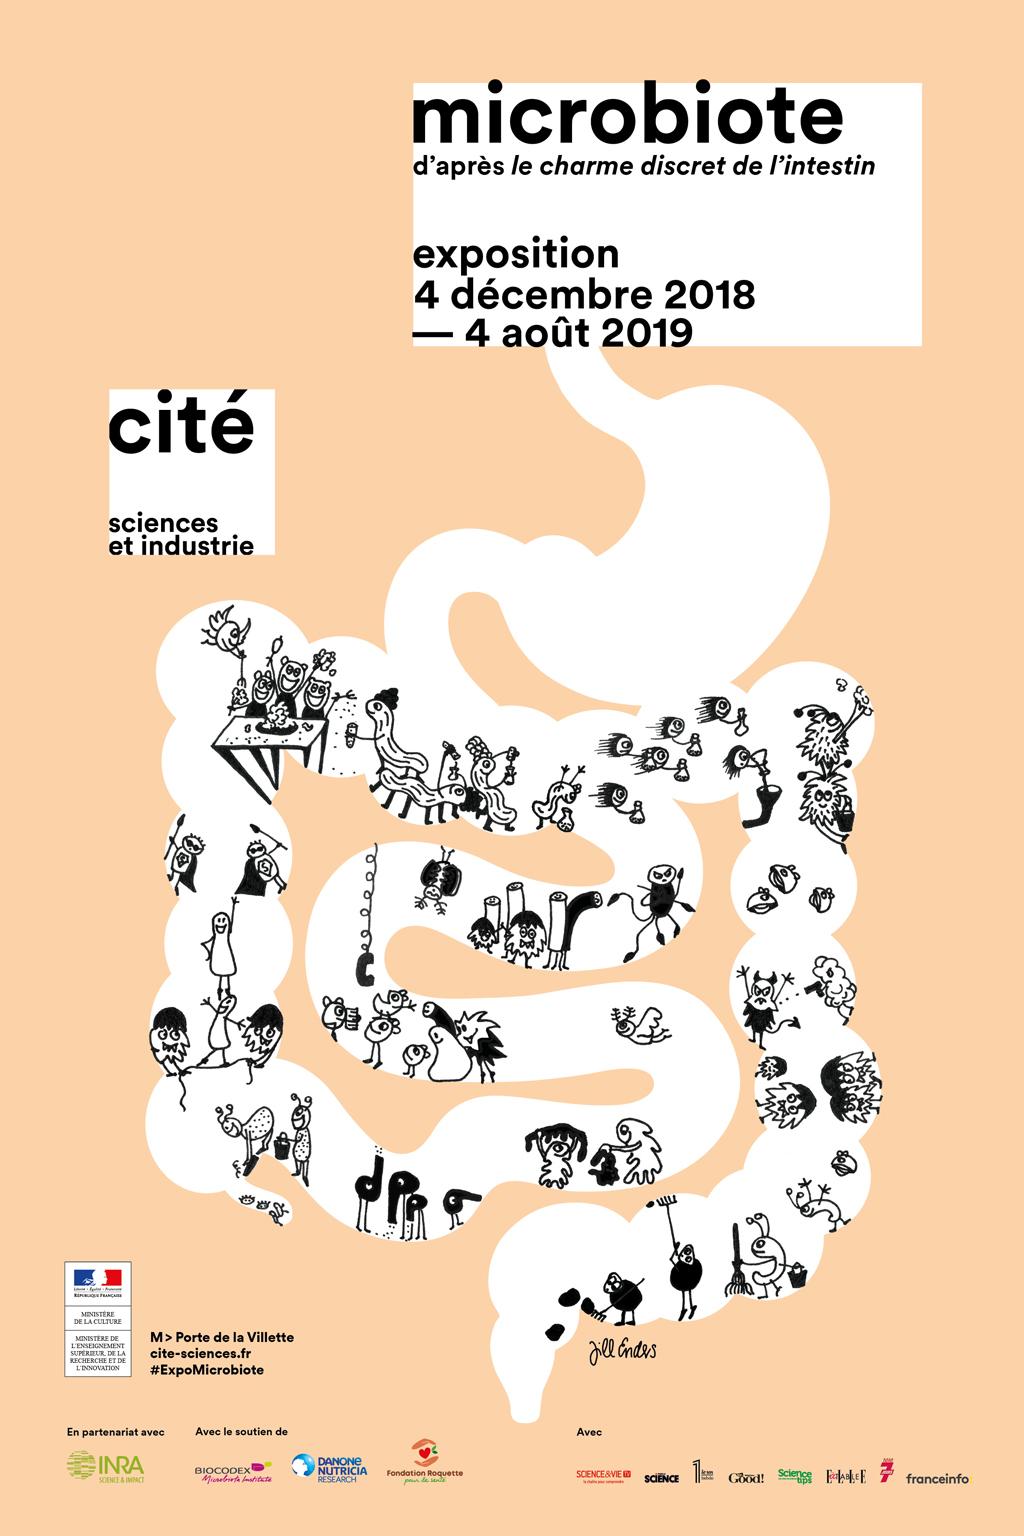 Expo sur l'intestin à la Cité des Sciences : Explique-moi le microbiote ! Intest10